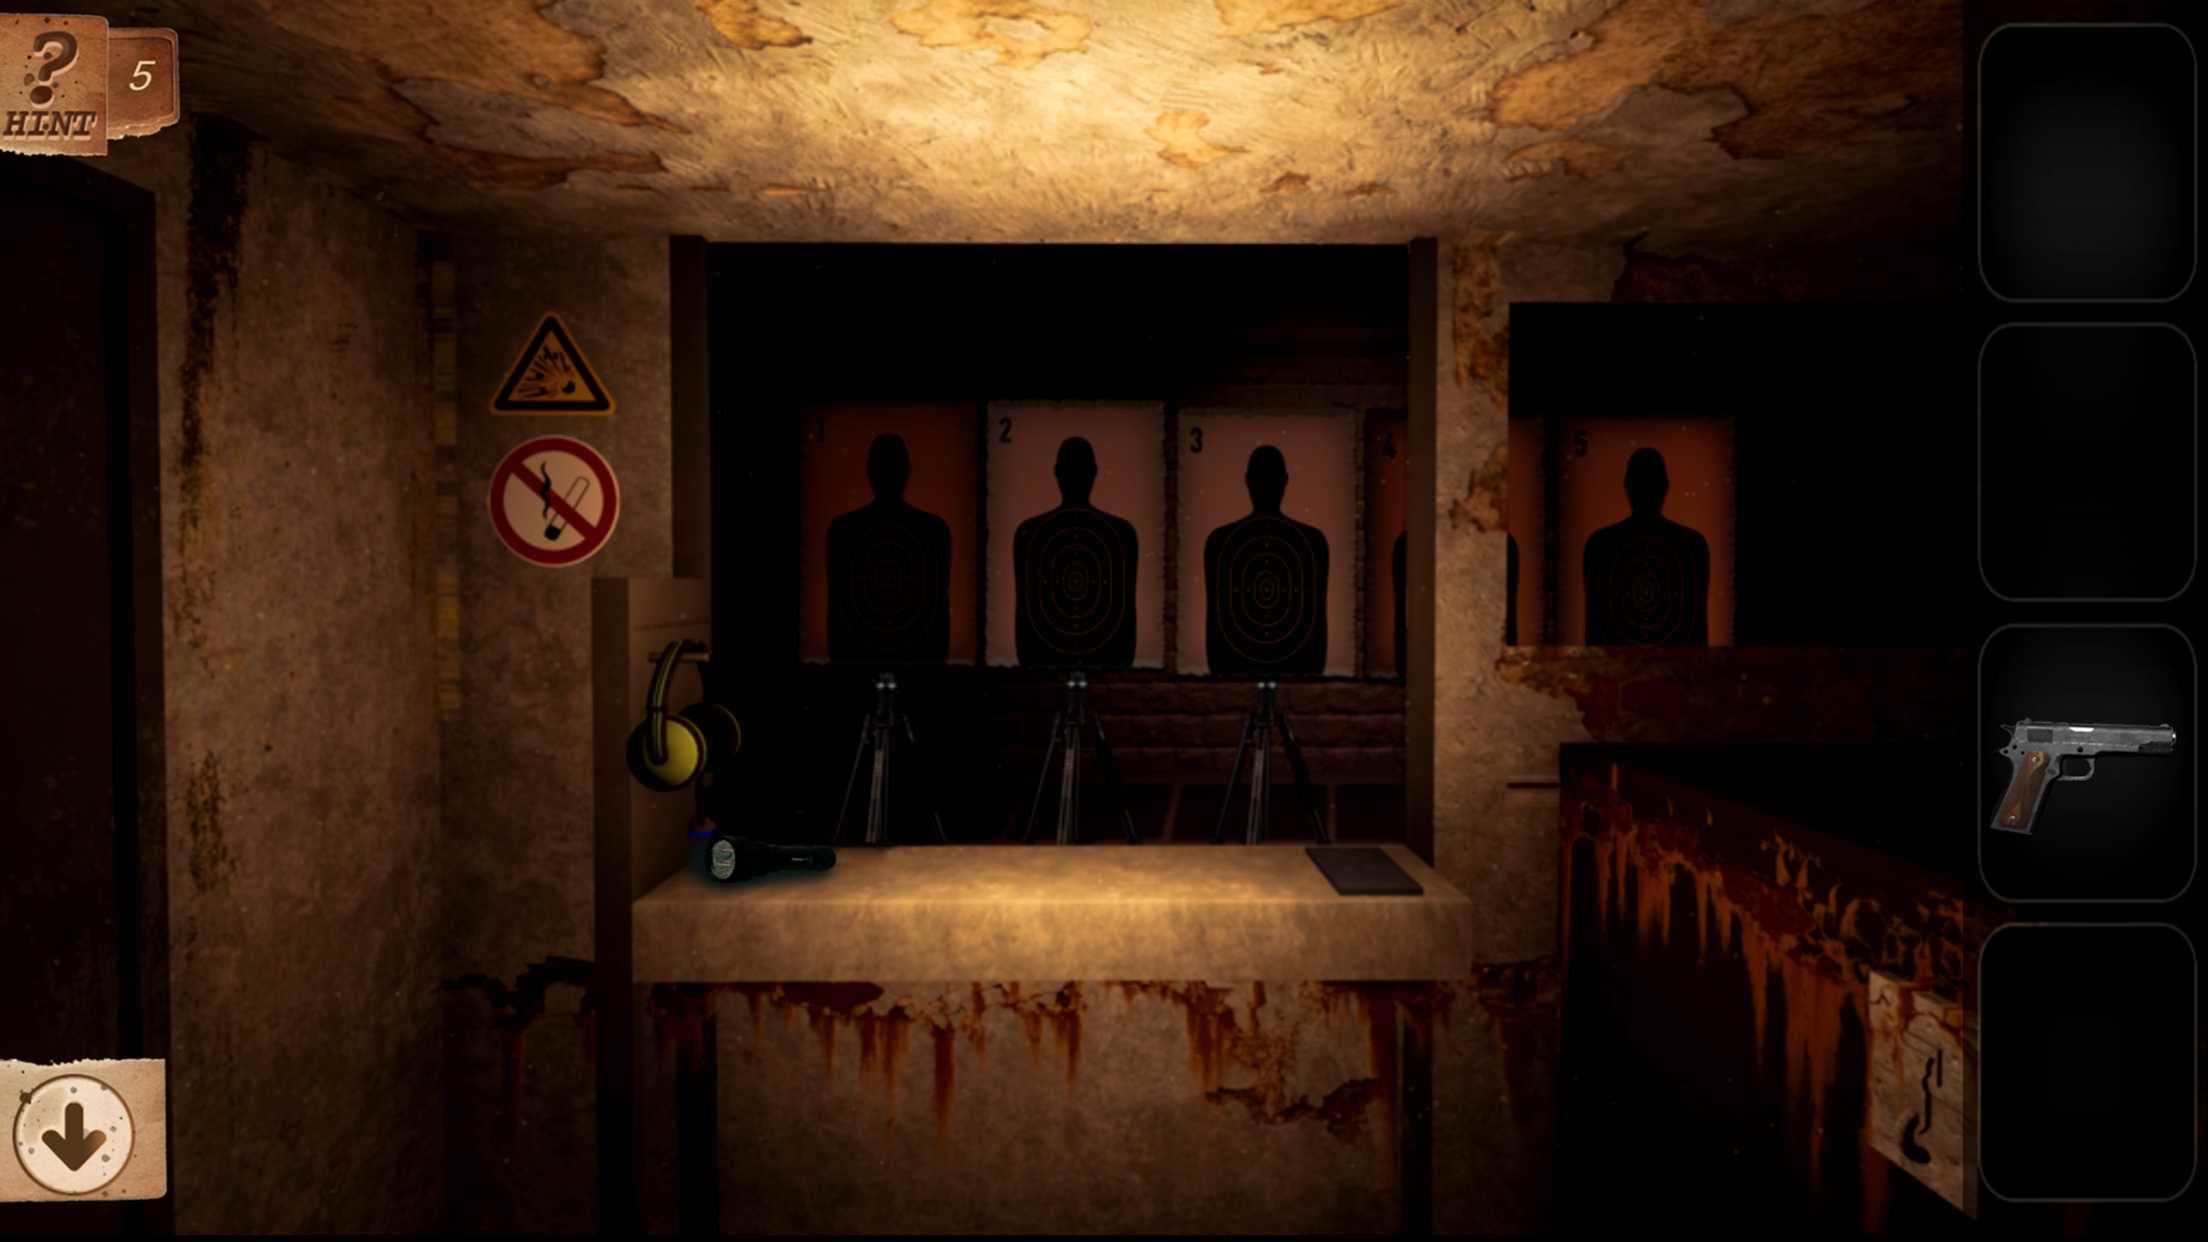 دانلود Mystery Of Camp Enigma Full 1.0.1 – بازی اسرار کمپ انیگما اندروید